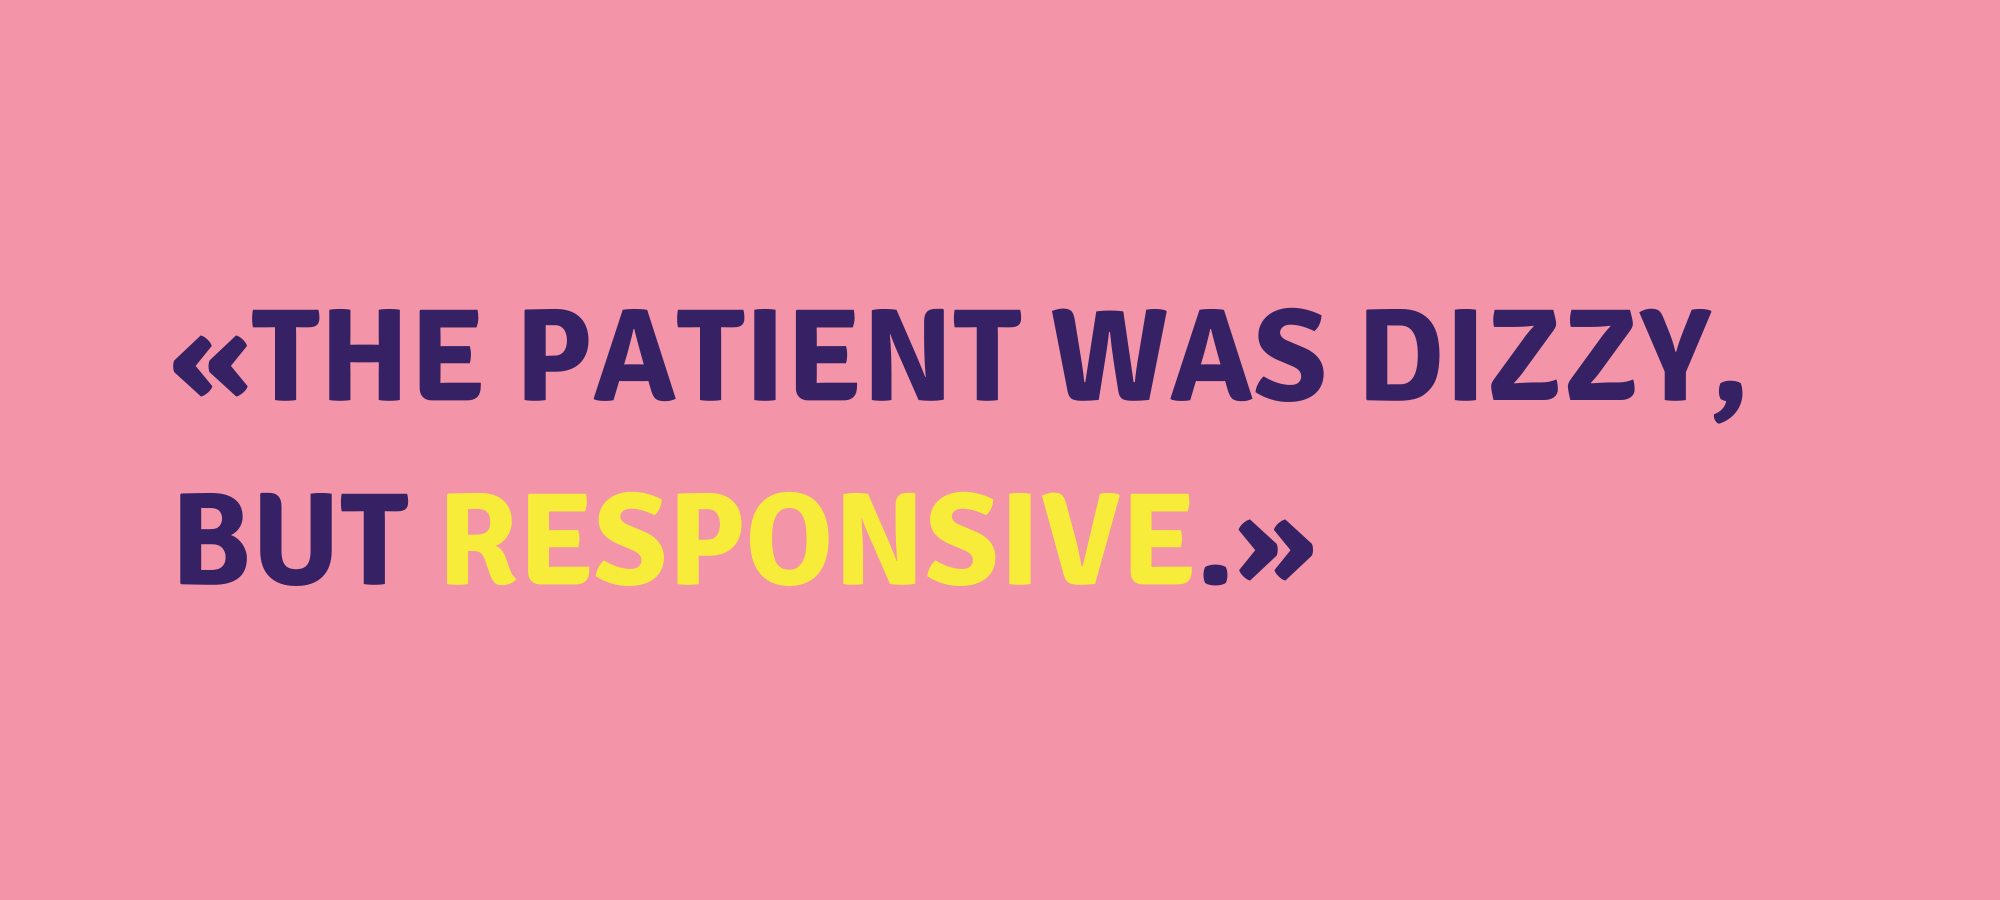 Rosa Hintergrund mit den Worten The Patient was Dizzy But Responsive Webdesign für Ärzte